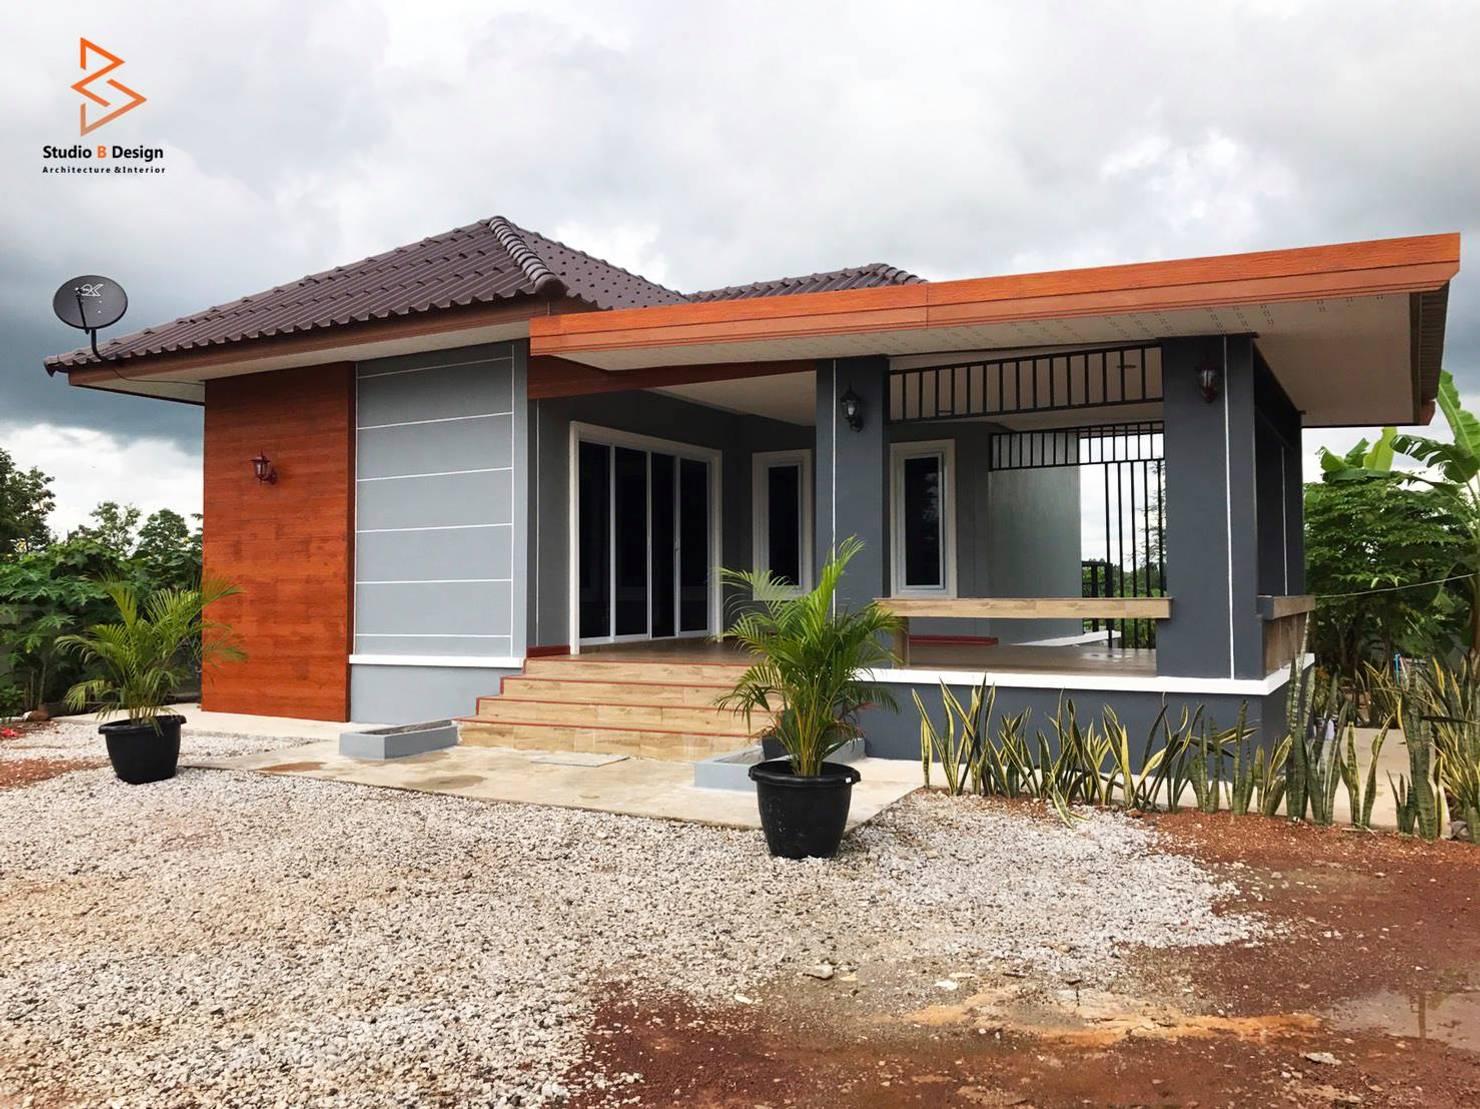 5 casas compactas para inspirar você a viver bem com menos